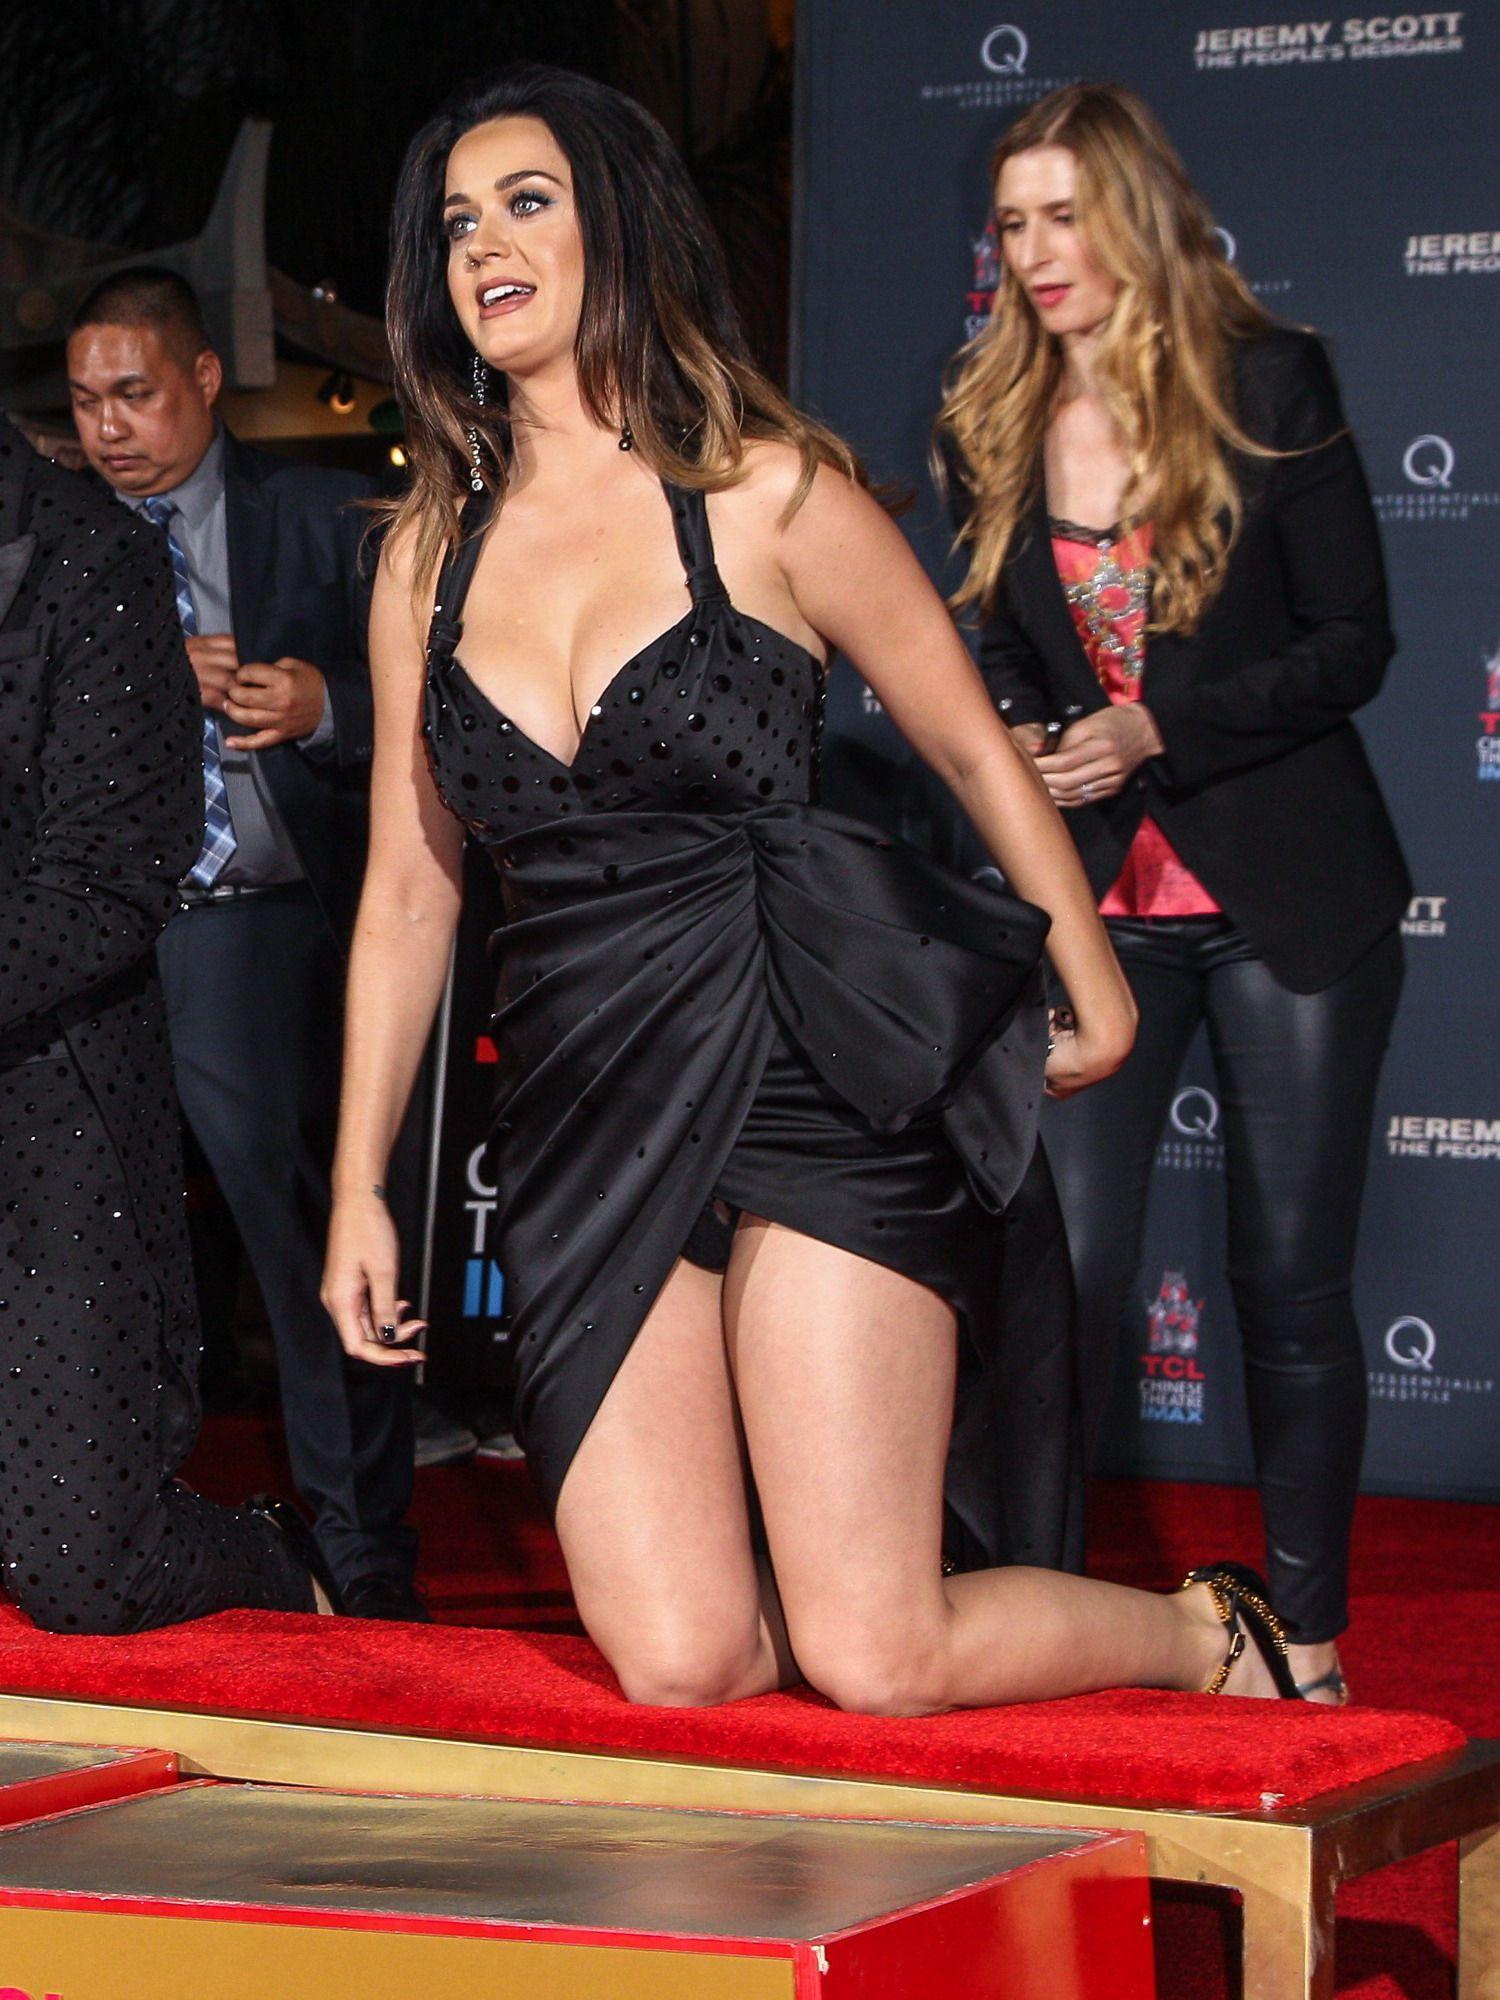 Güzel Şarkıcı Katy Perry derin göğüs dekolteli sexy siyah elbisesi ile frikik üstüne frikik verdi. En seksi pozlar veren ünlü kadınların resimleri için tıklayın